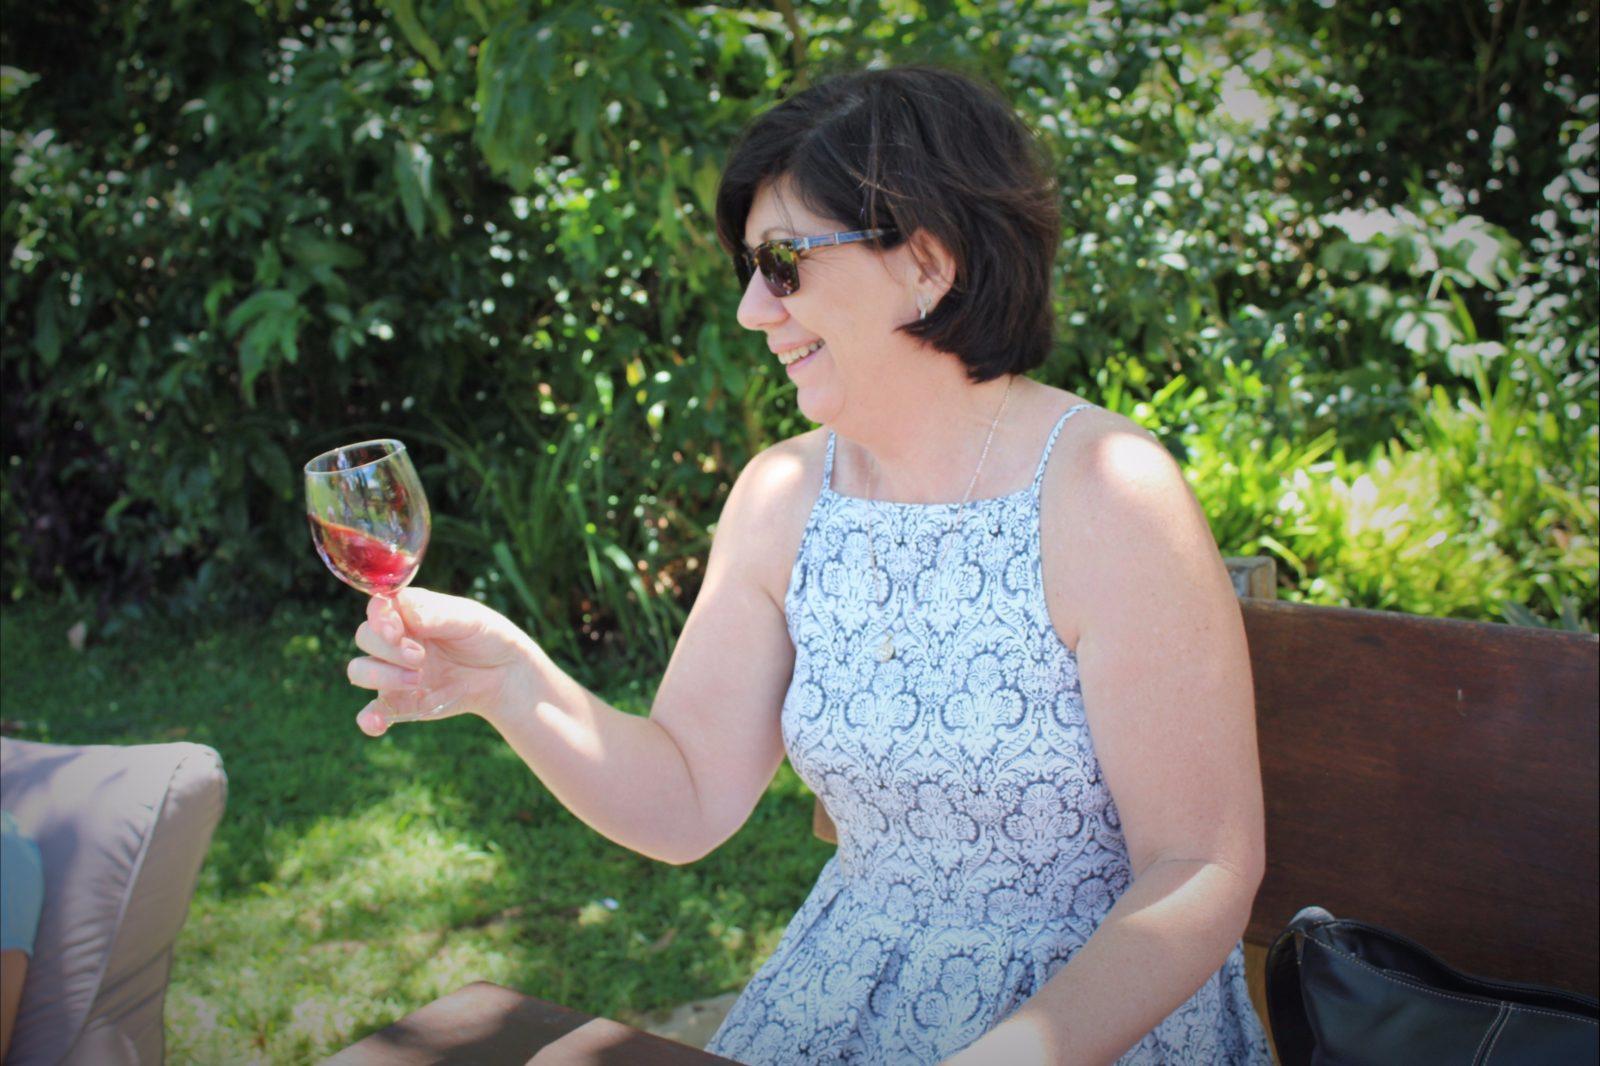 Tamborine winery tour, brisbane winery tour